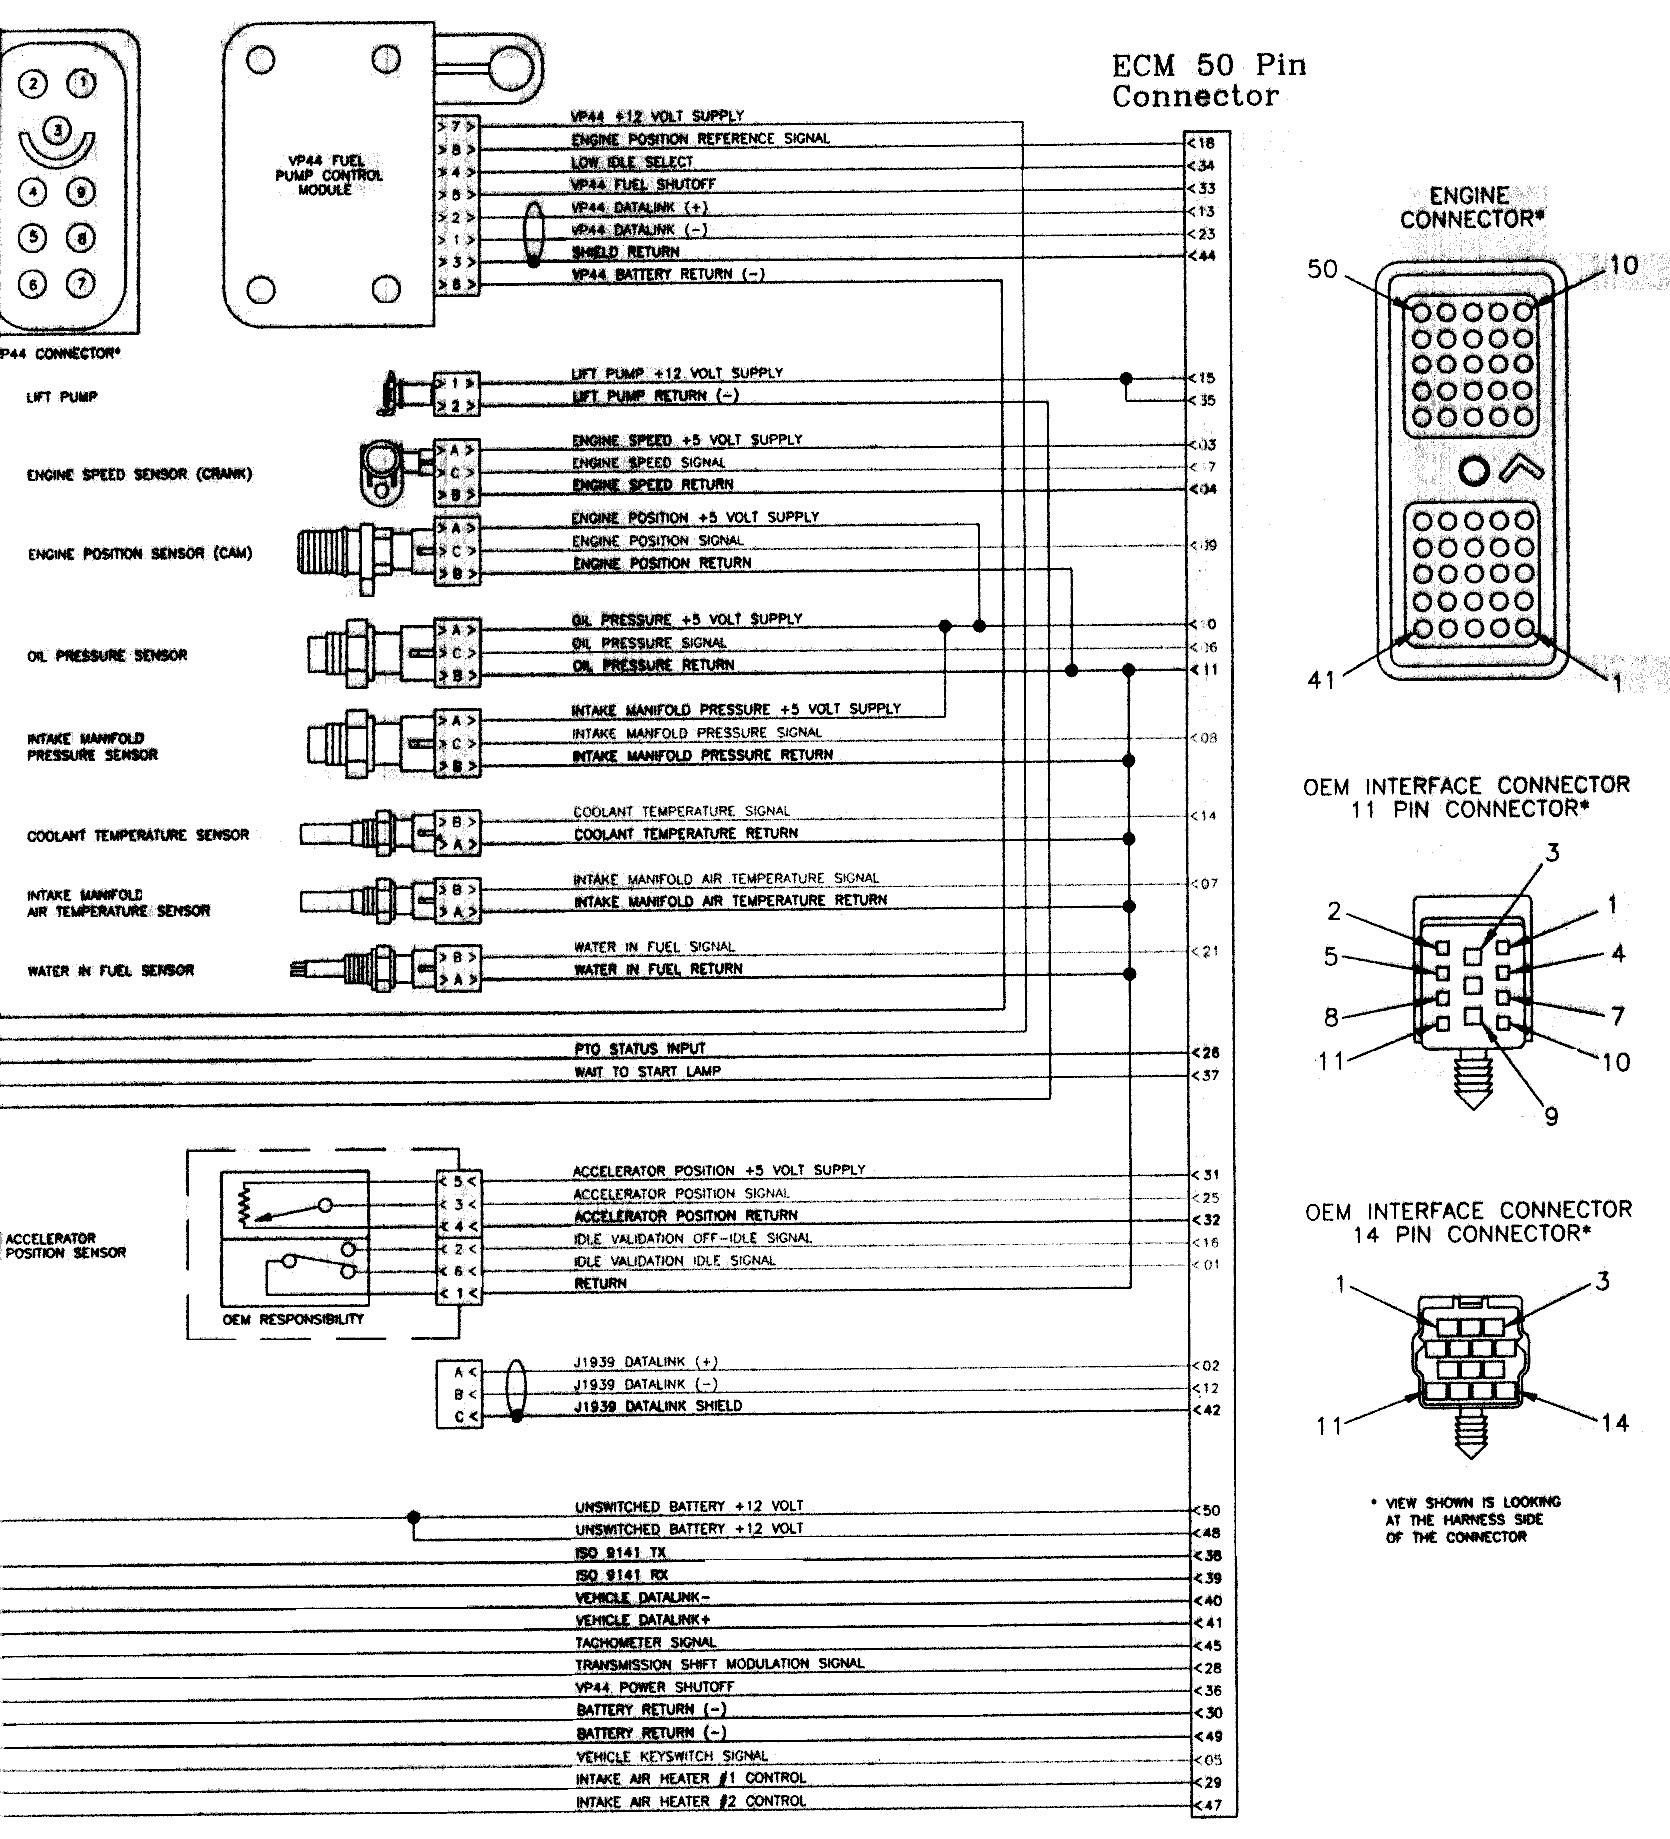 2002 Dodge Ram 1500 Parts Diagram Wiring Diagram 2007 Dodge Ram 1500 Best Ecm Details for 1998 2002 Of 2002 Dodge Ram 1500 Parts Diagram